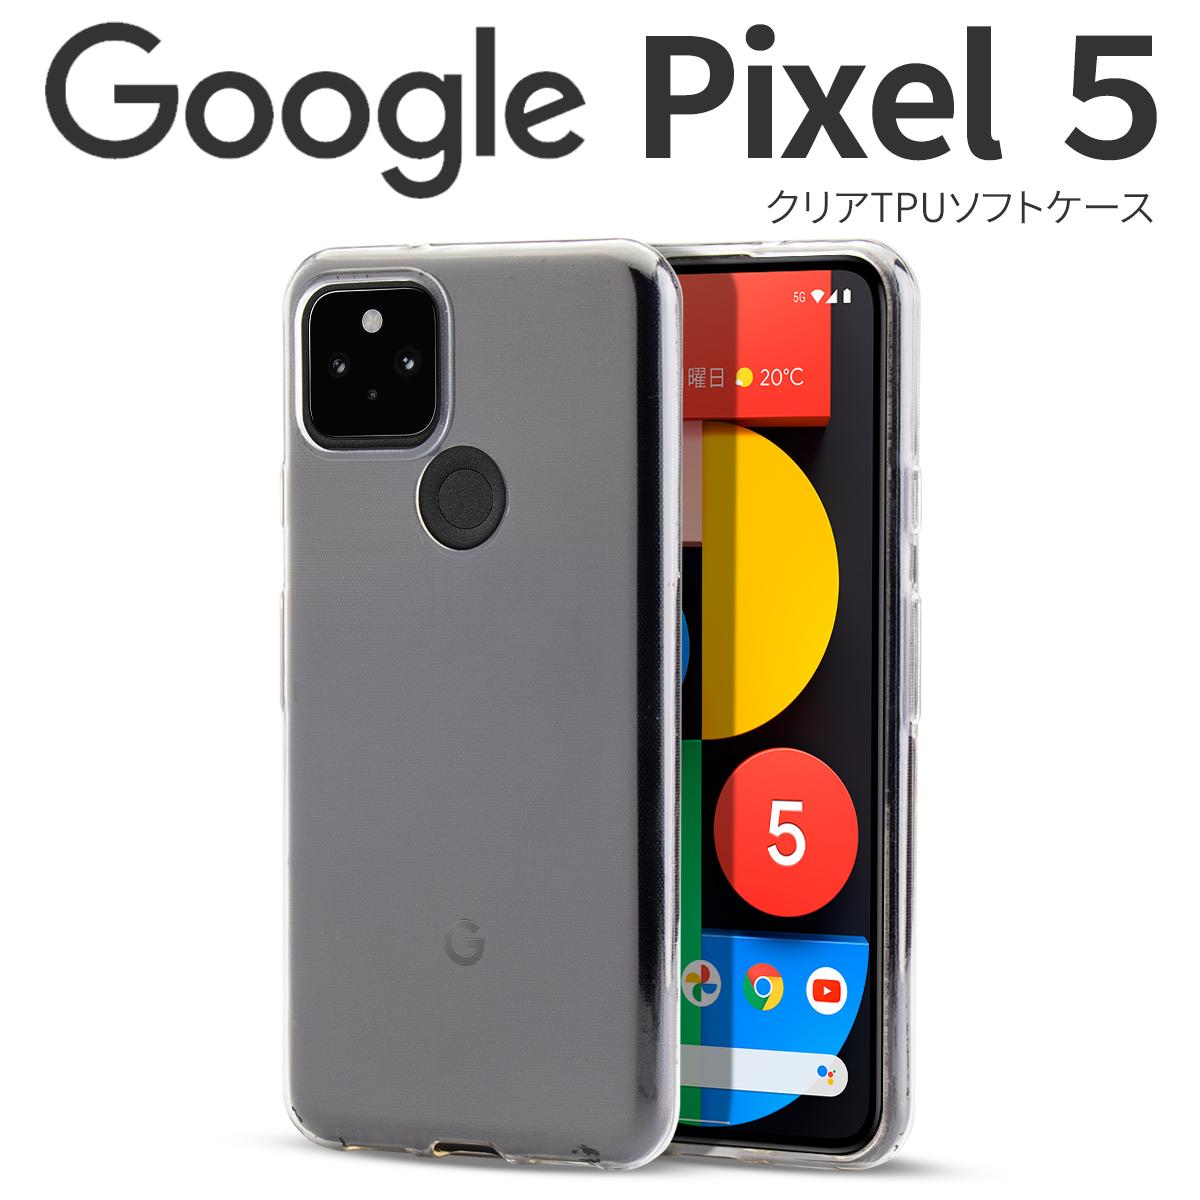 Google Pixel 5 TPU クリアケース